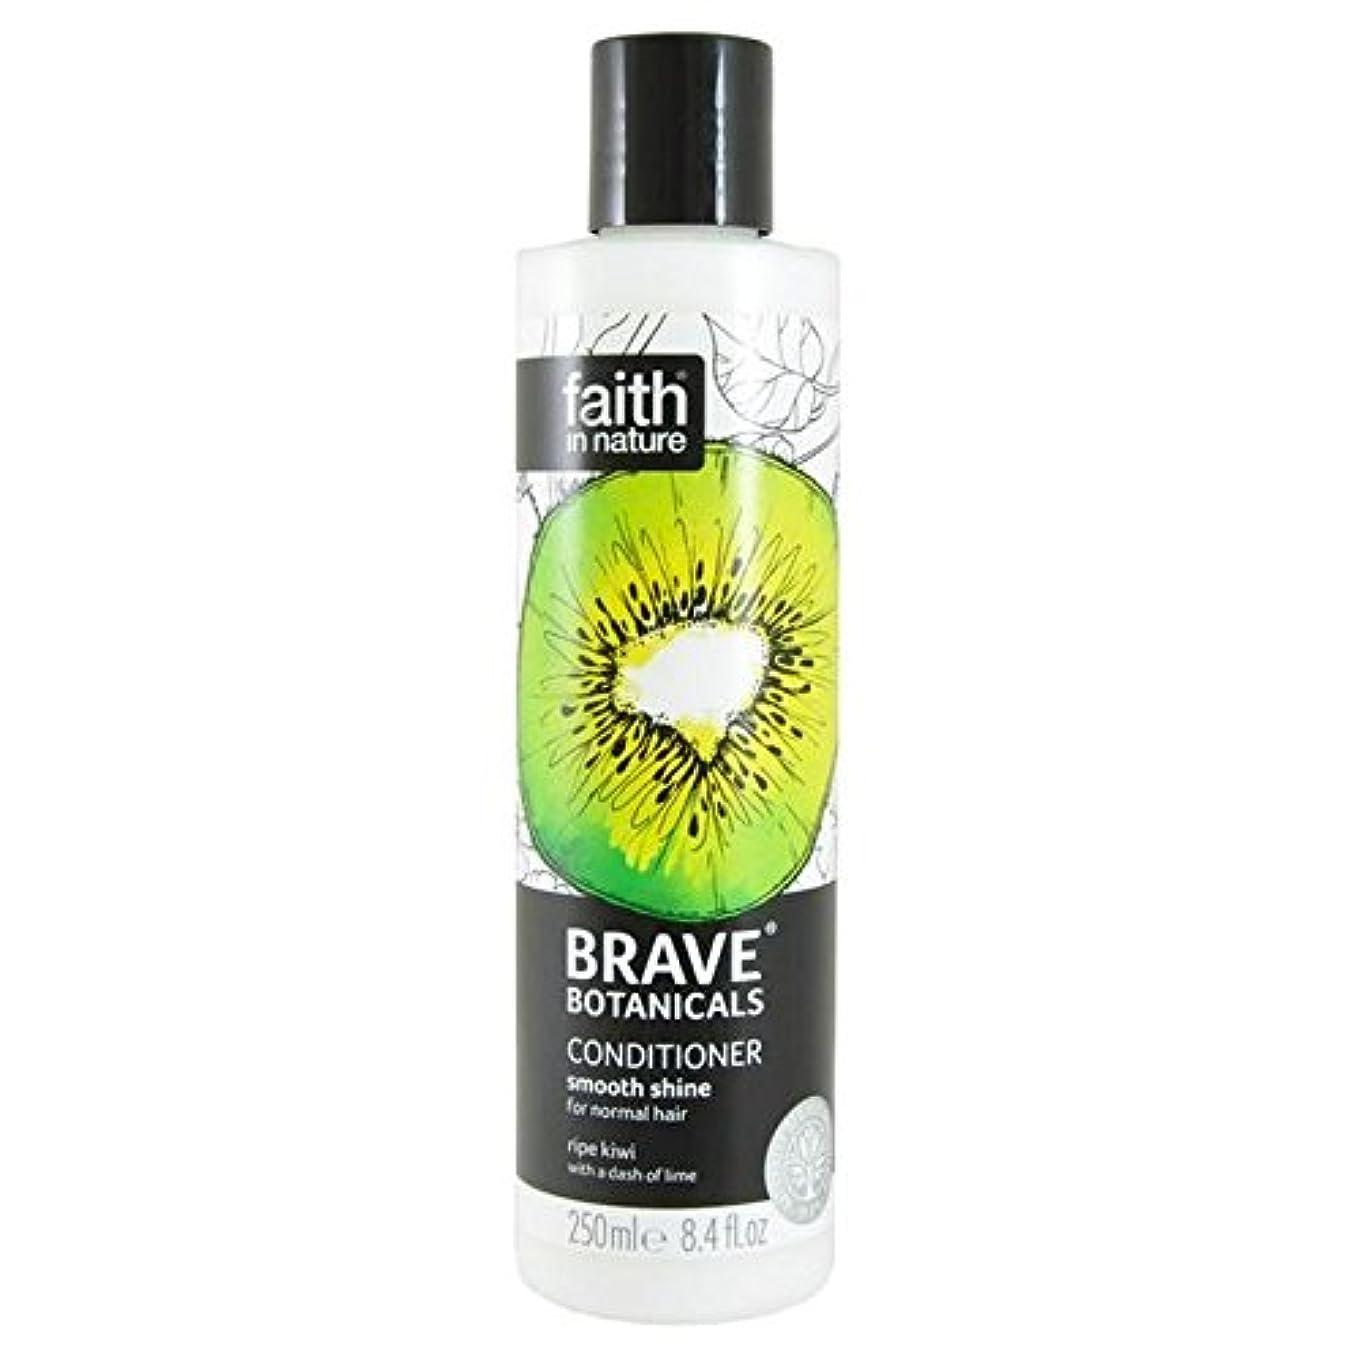 ポータル動物園座標Brave Botanicals Kiwi & Lime Smooth Shine Conditioner 250ml (Pack of 4) - (Faith In Nature) 勇敢な植物キウイ&ライムなめらかな輝...